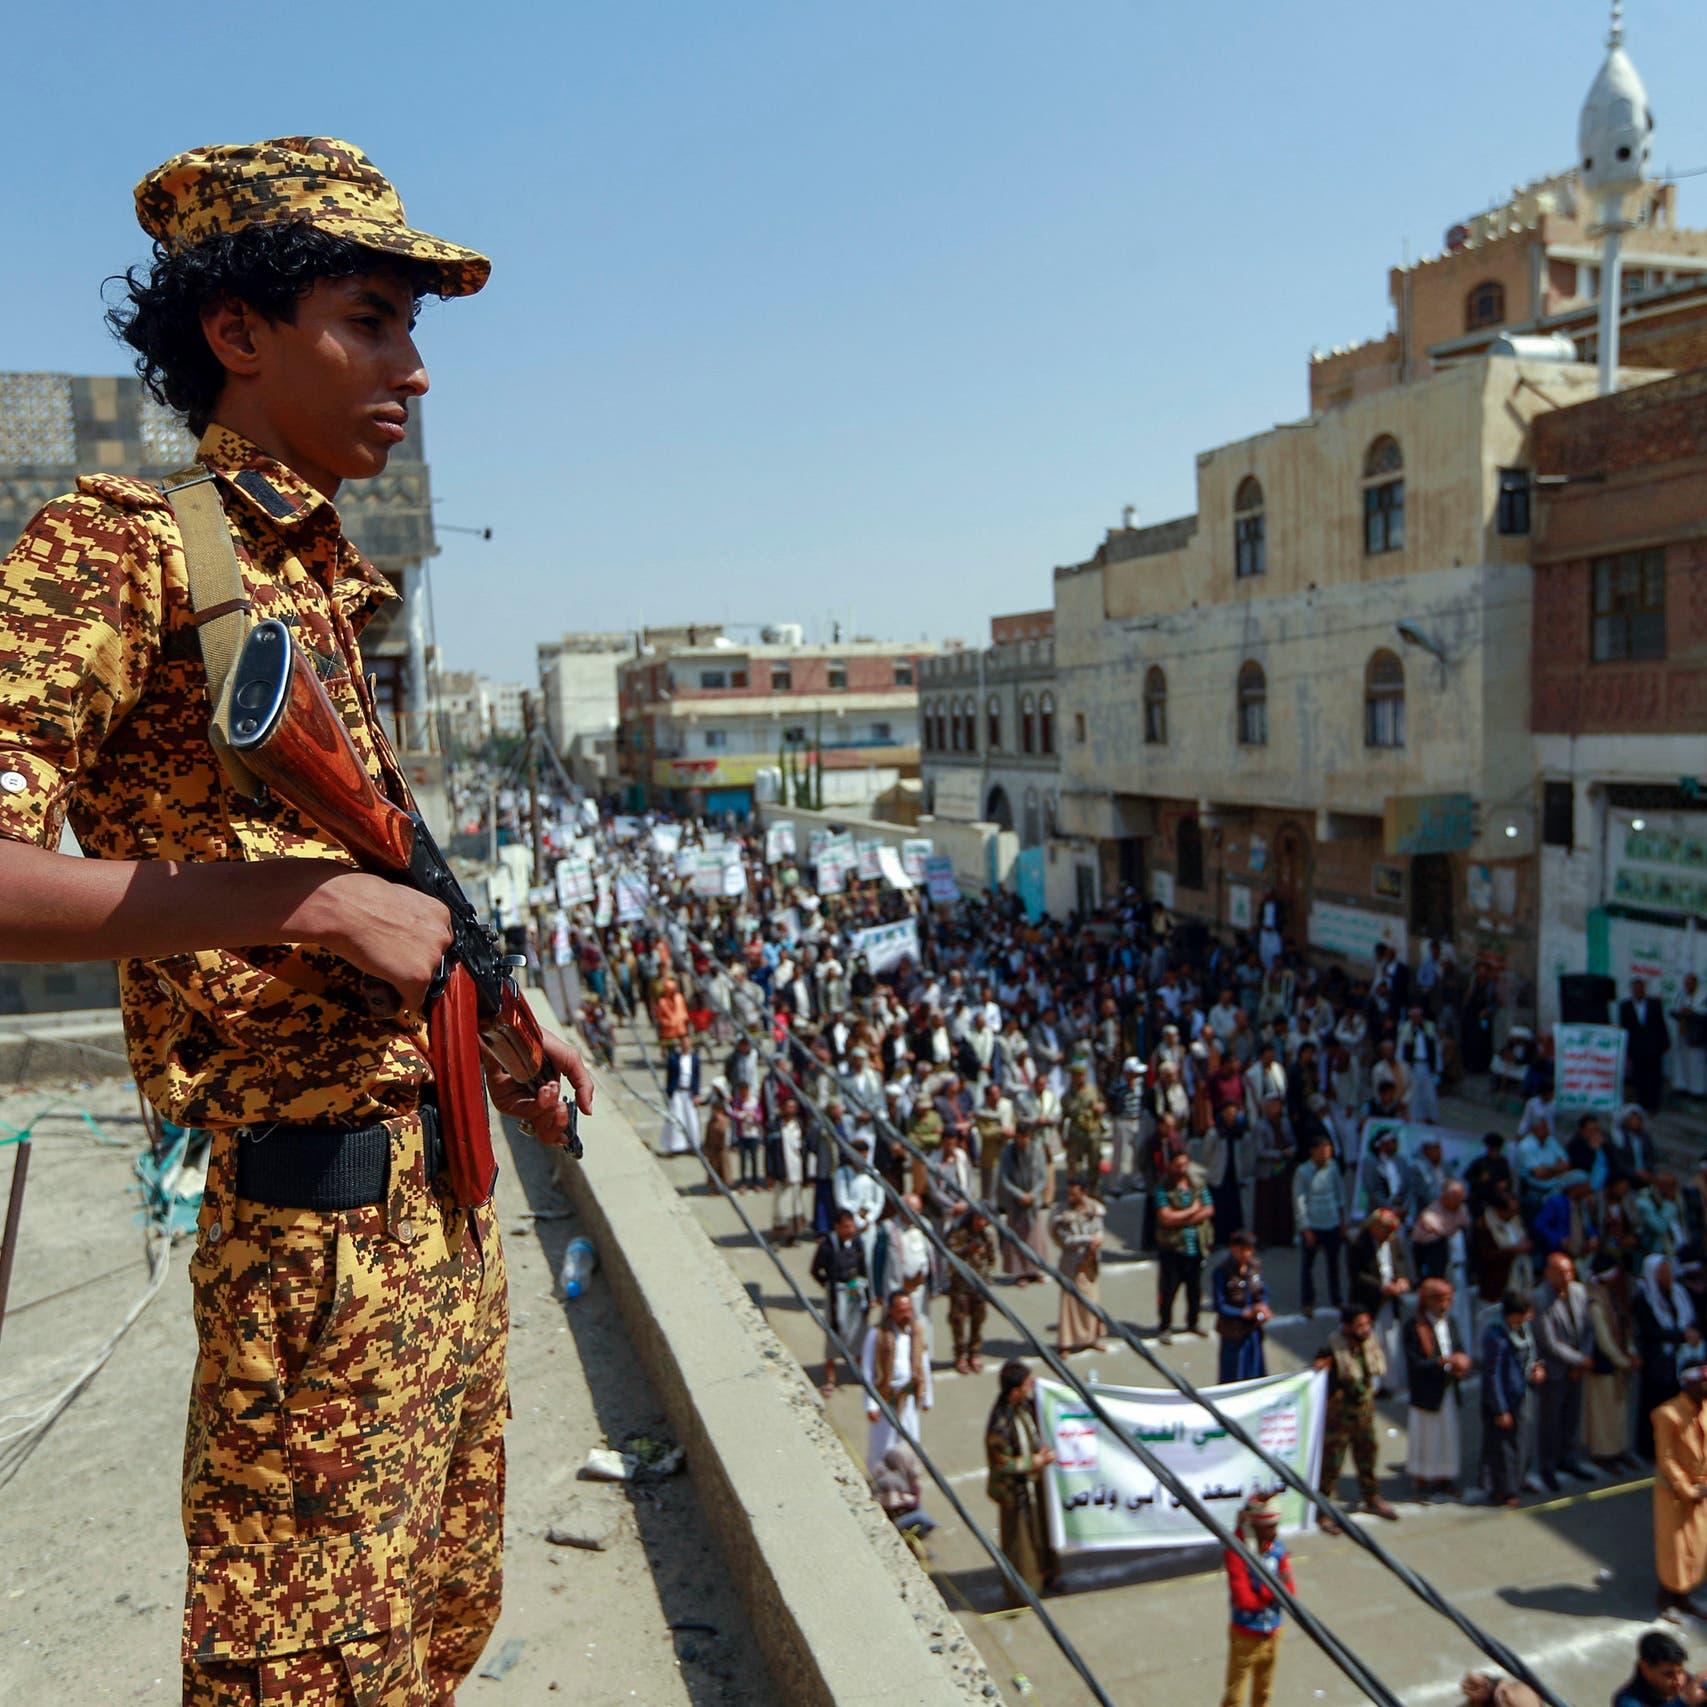 ضابط معتقل بسجون الحوثي يحاول الانتحار بسبب التعذيب